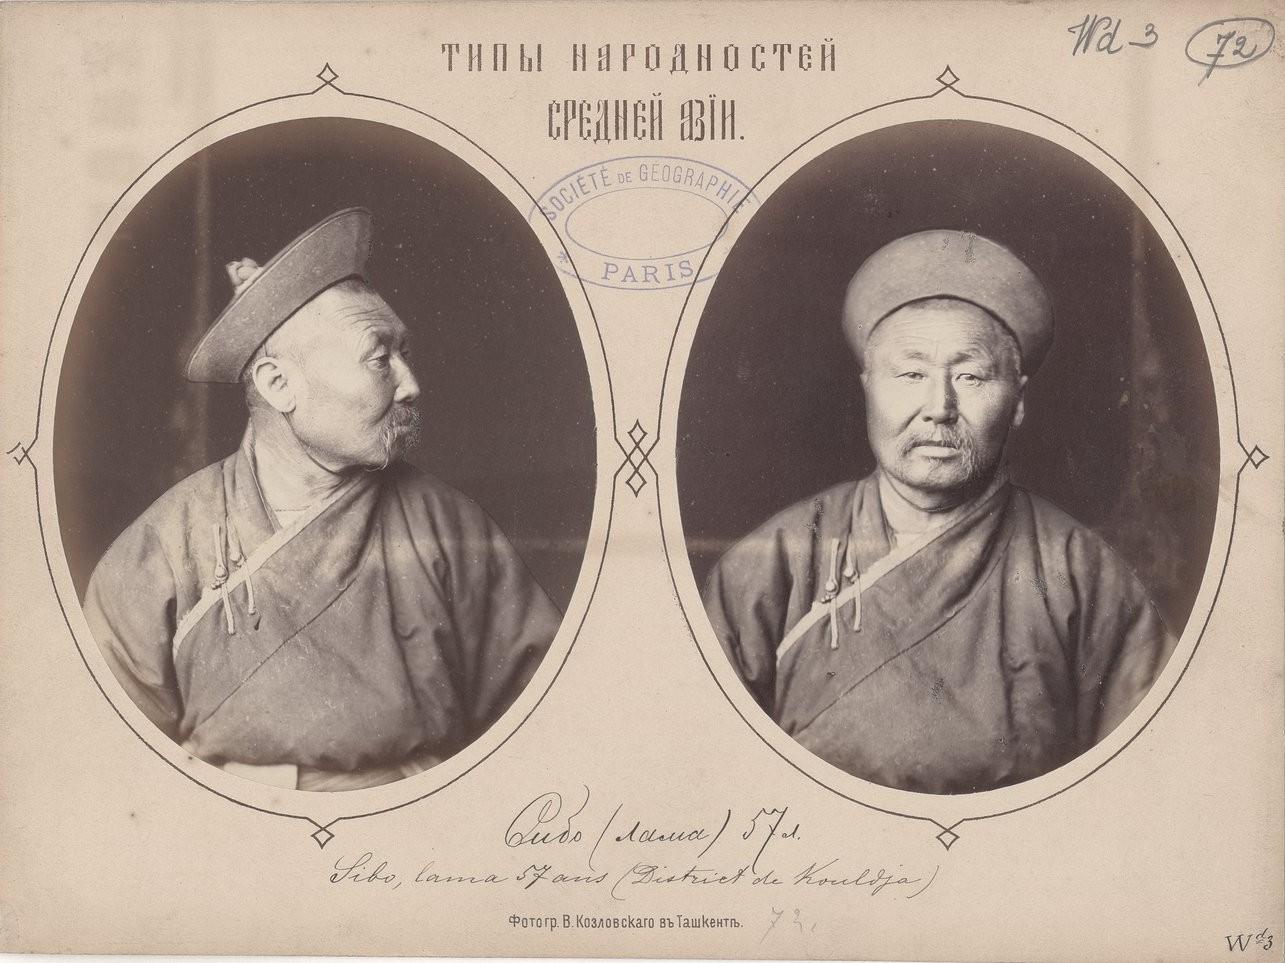 Сибо (лама), 57 лет. Кульджа, Илийский край